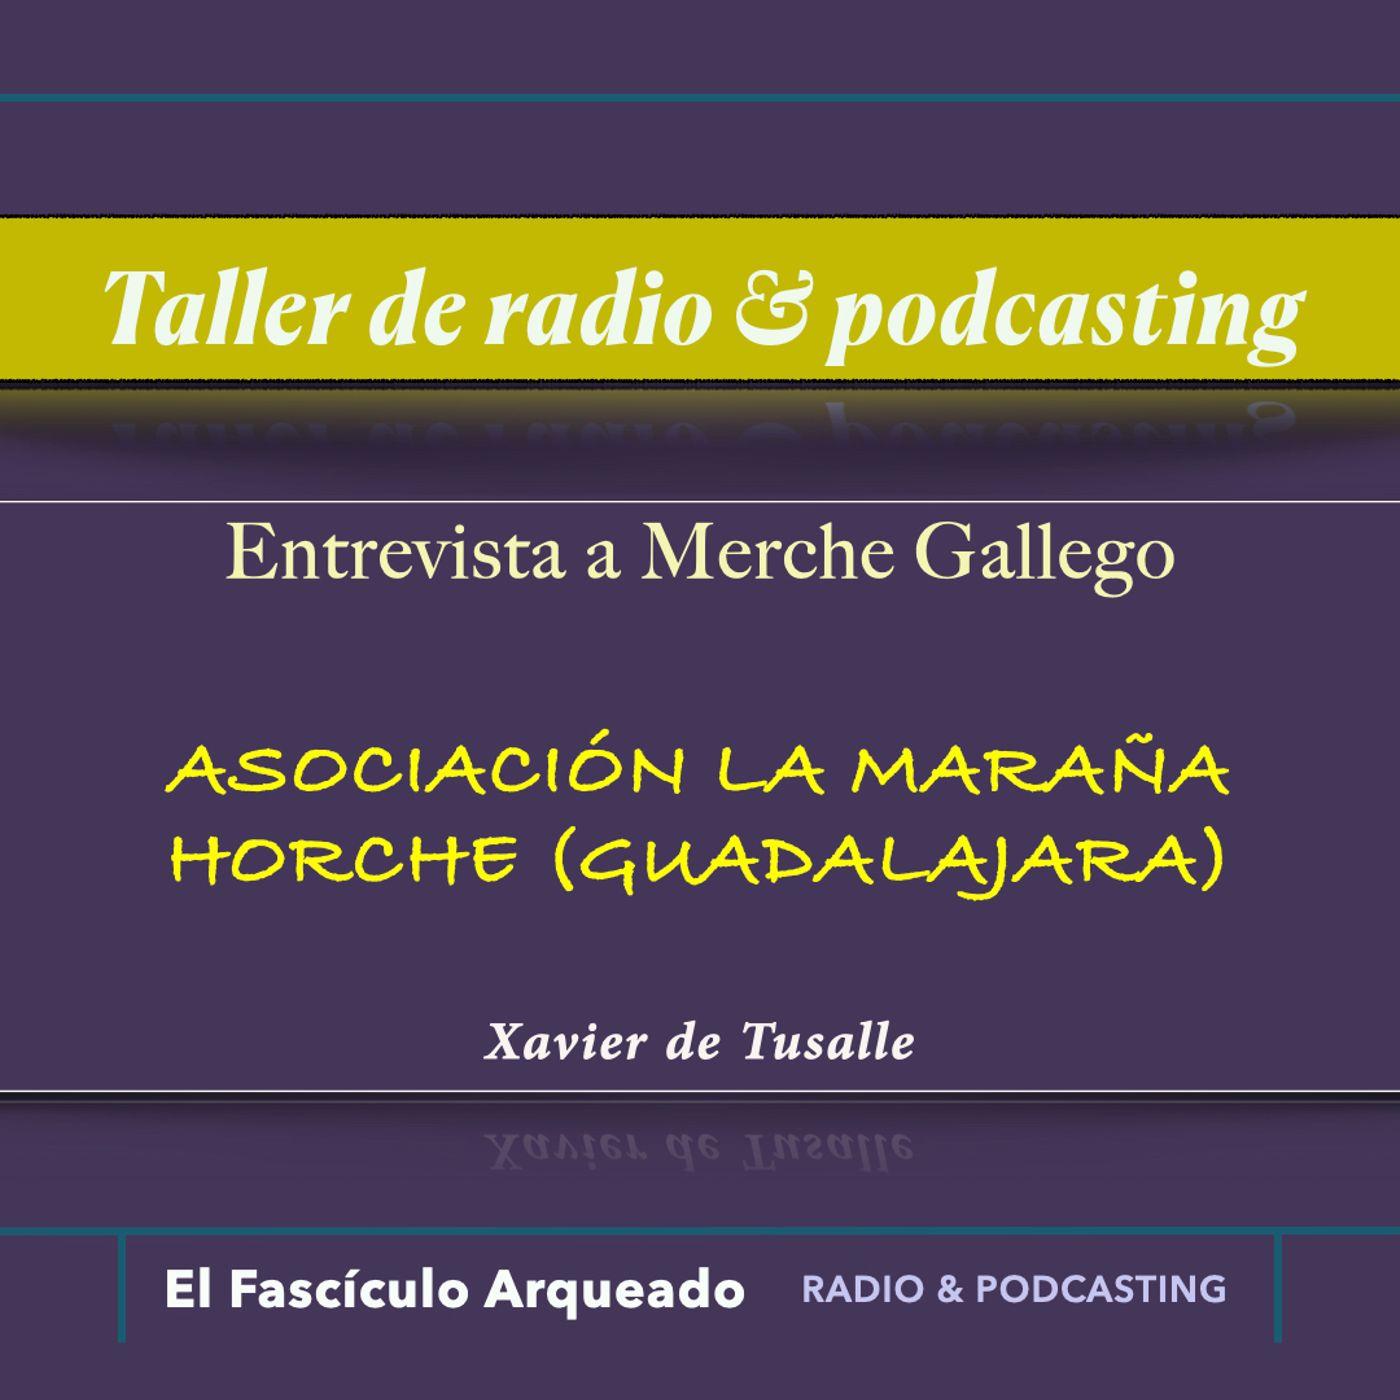 Entrevisto a Merche Gallego de la Asociación La Maraña de Horche (Guadalajara)